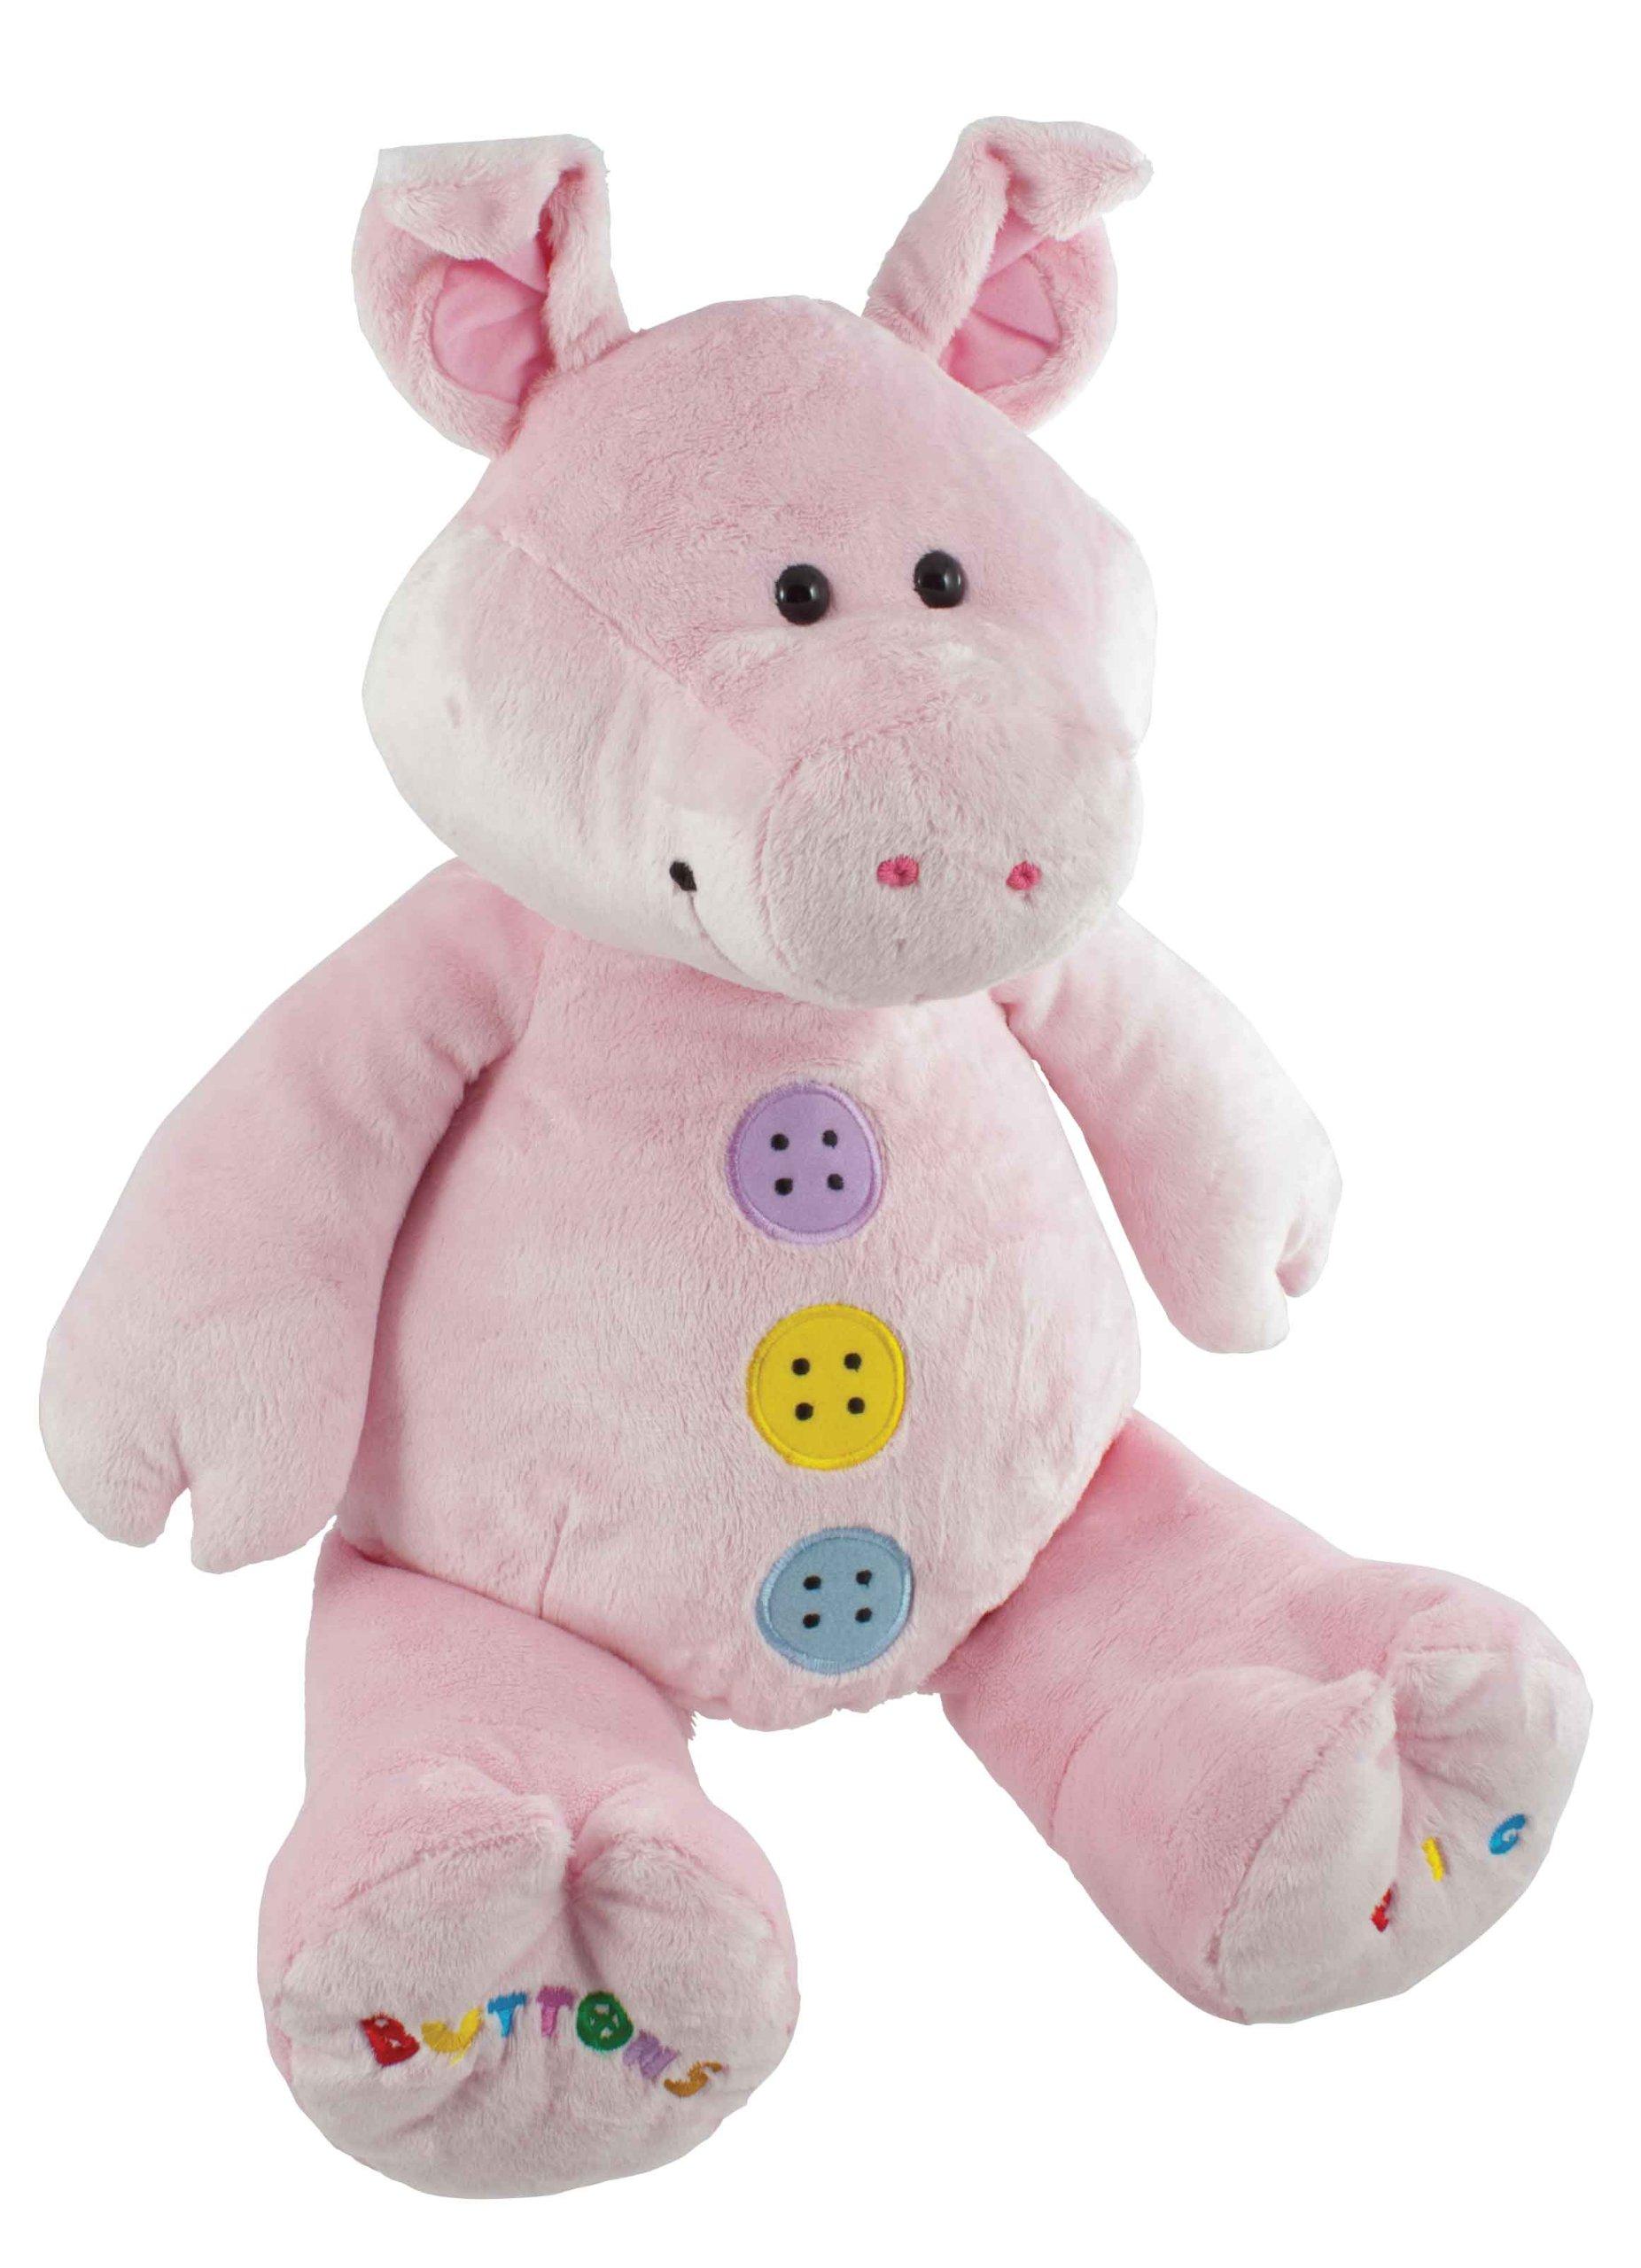 Buttons Humatt 9-inch Pig Soft Toy